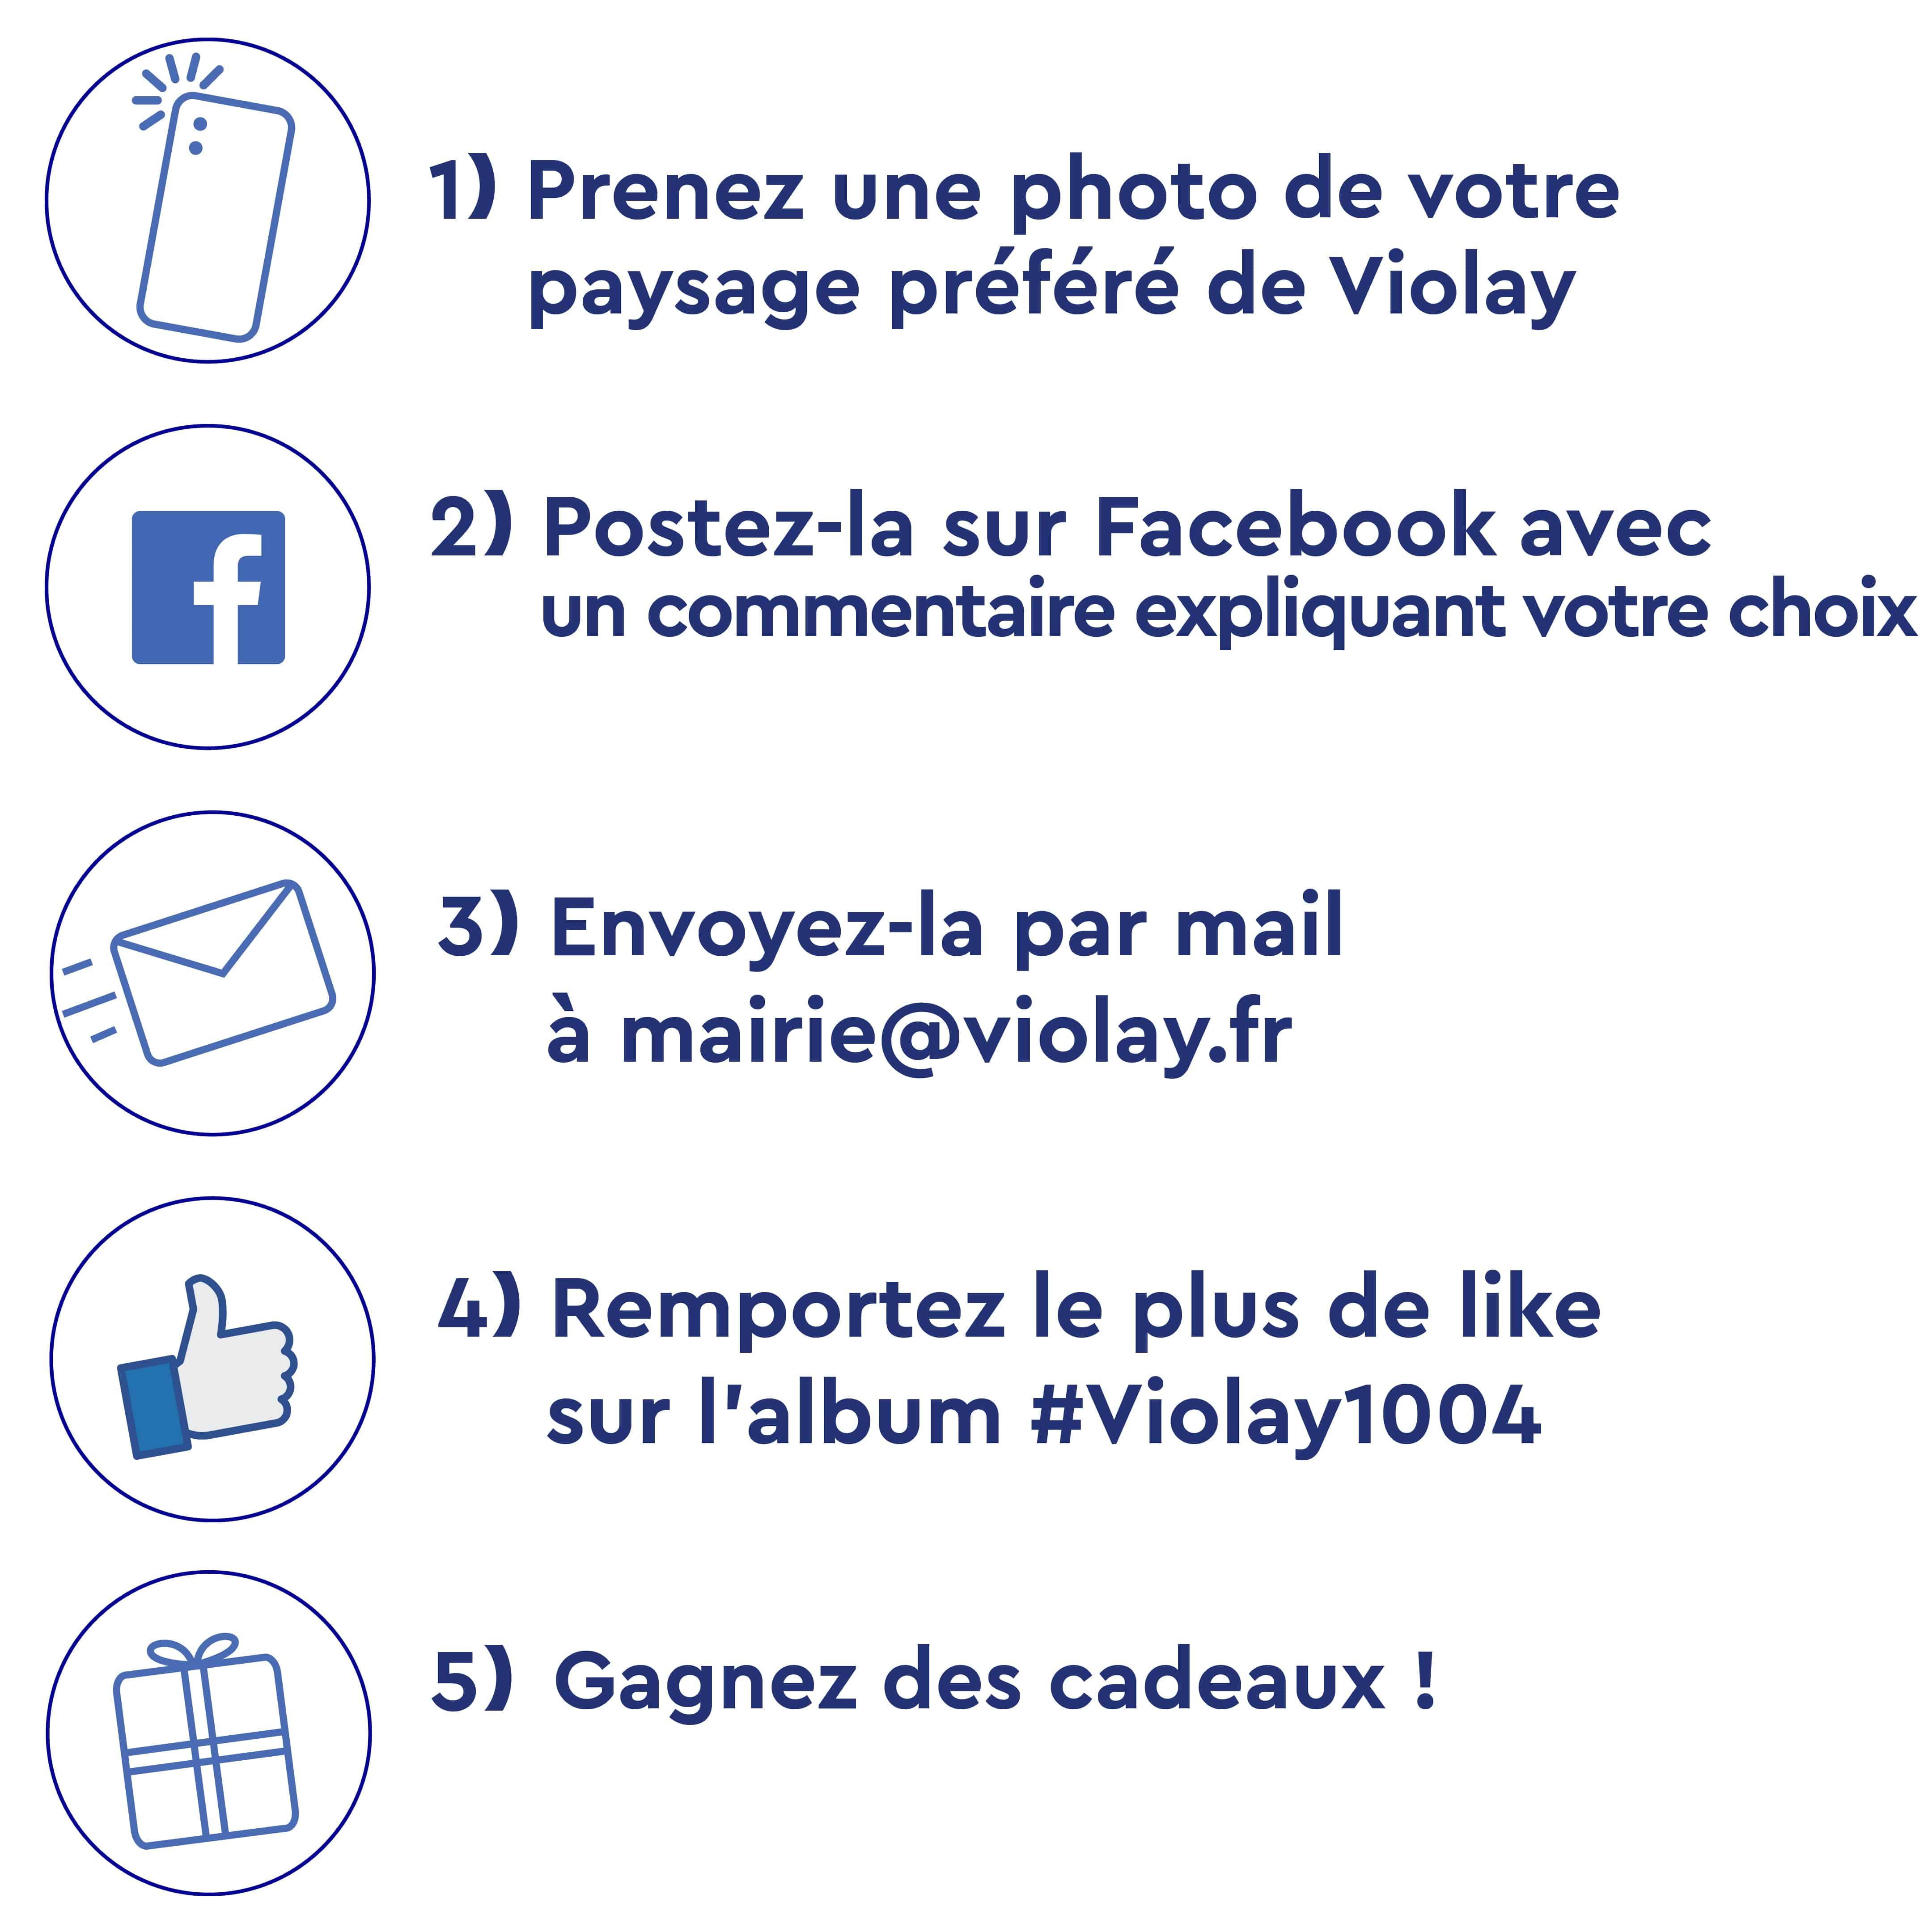 Les 5 étapes du jeu-concours photo Violay